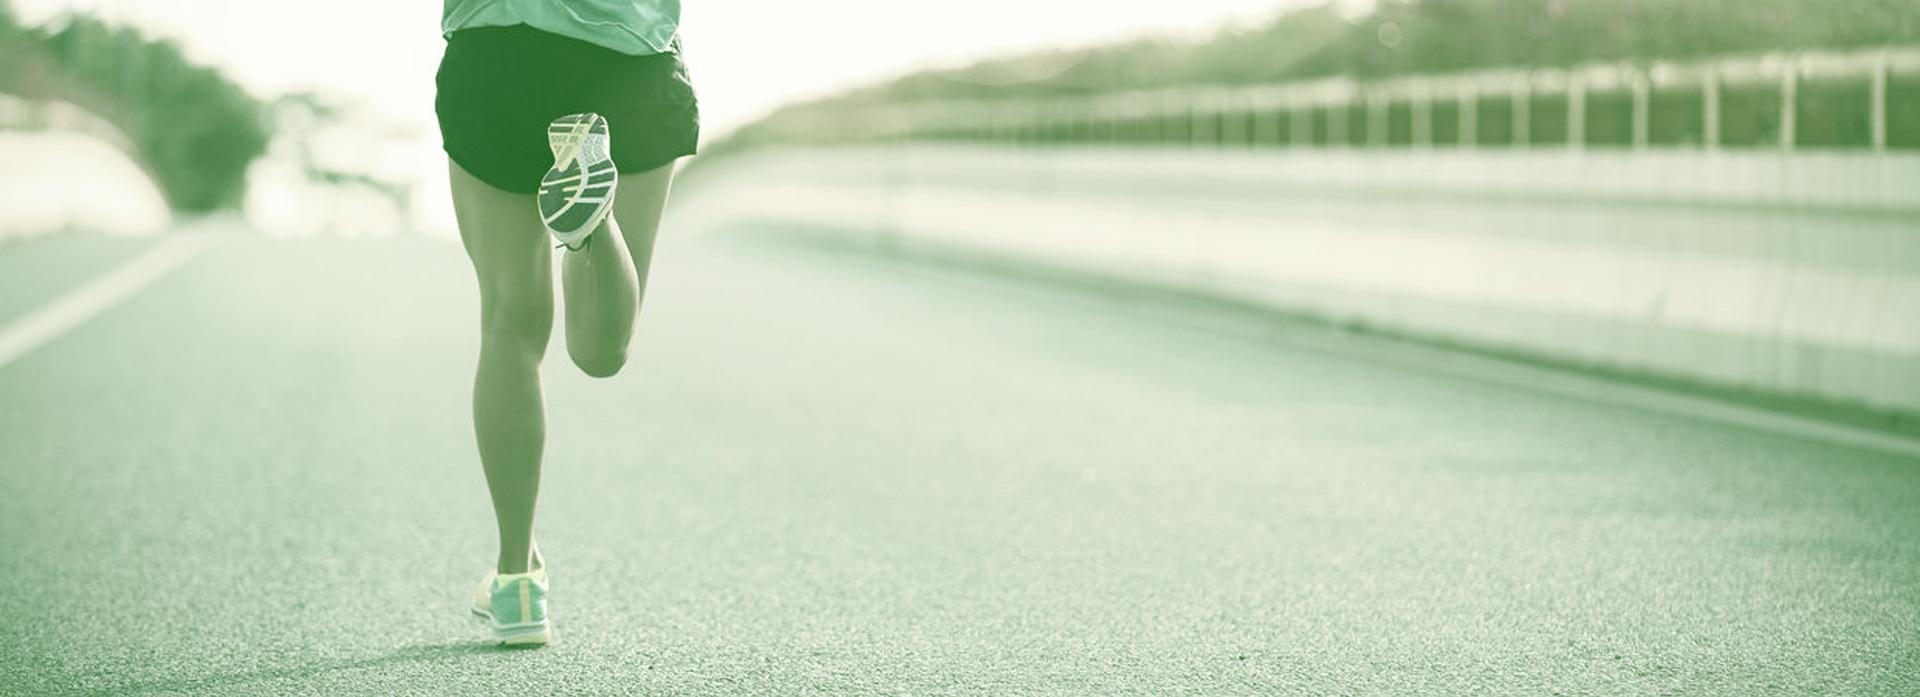 A corrida para uma vida mais saudável